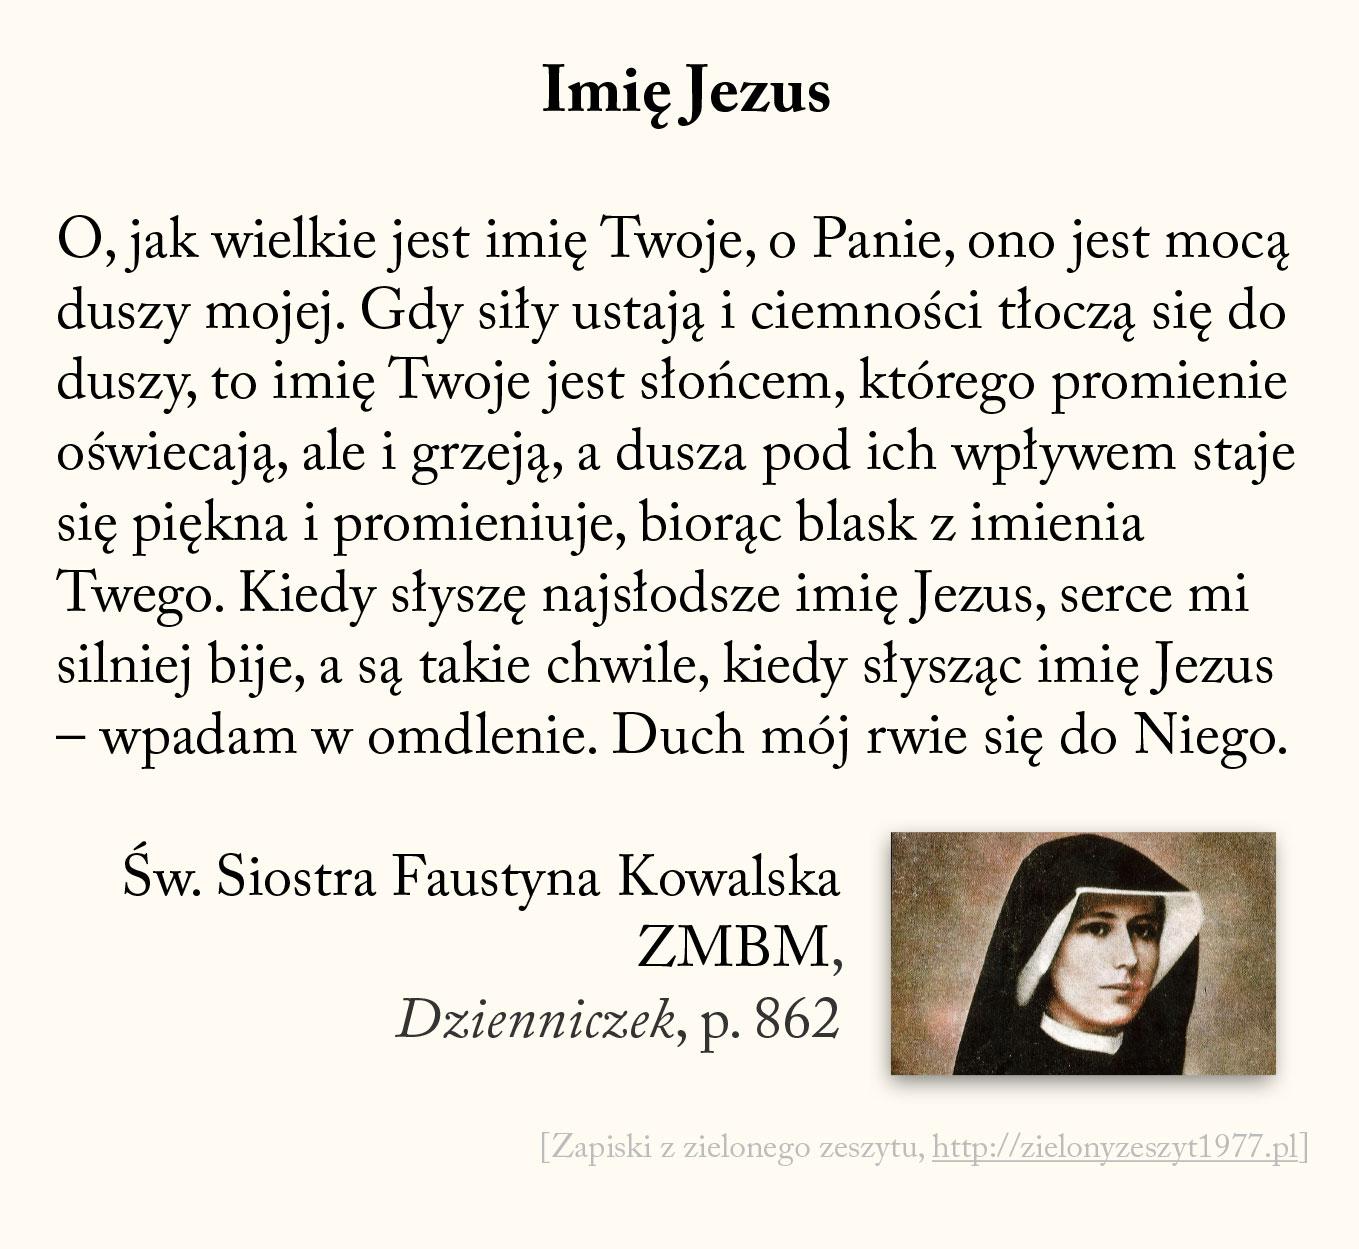 Imię Jezus, św. Faustyna Kowalska